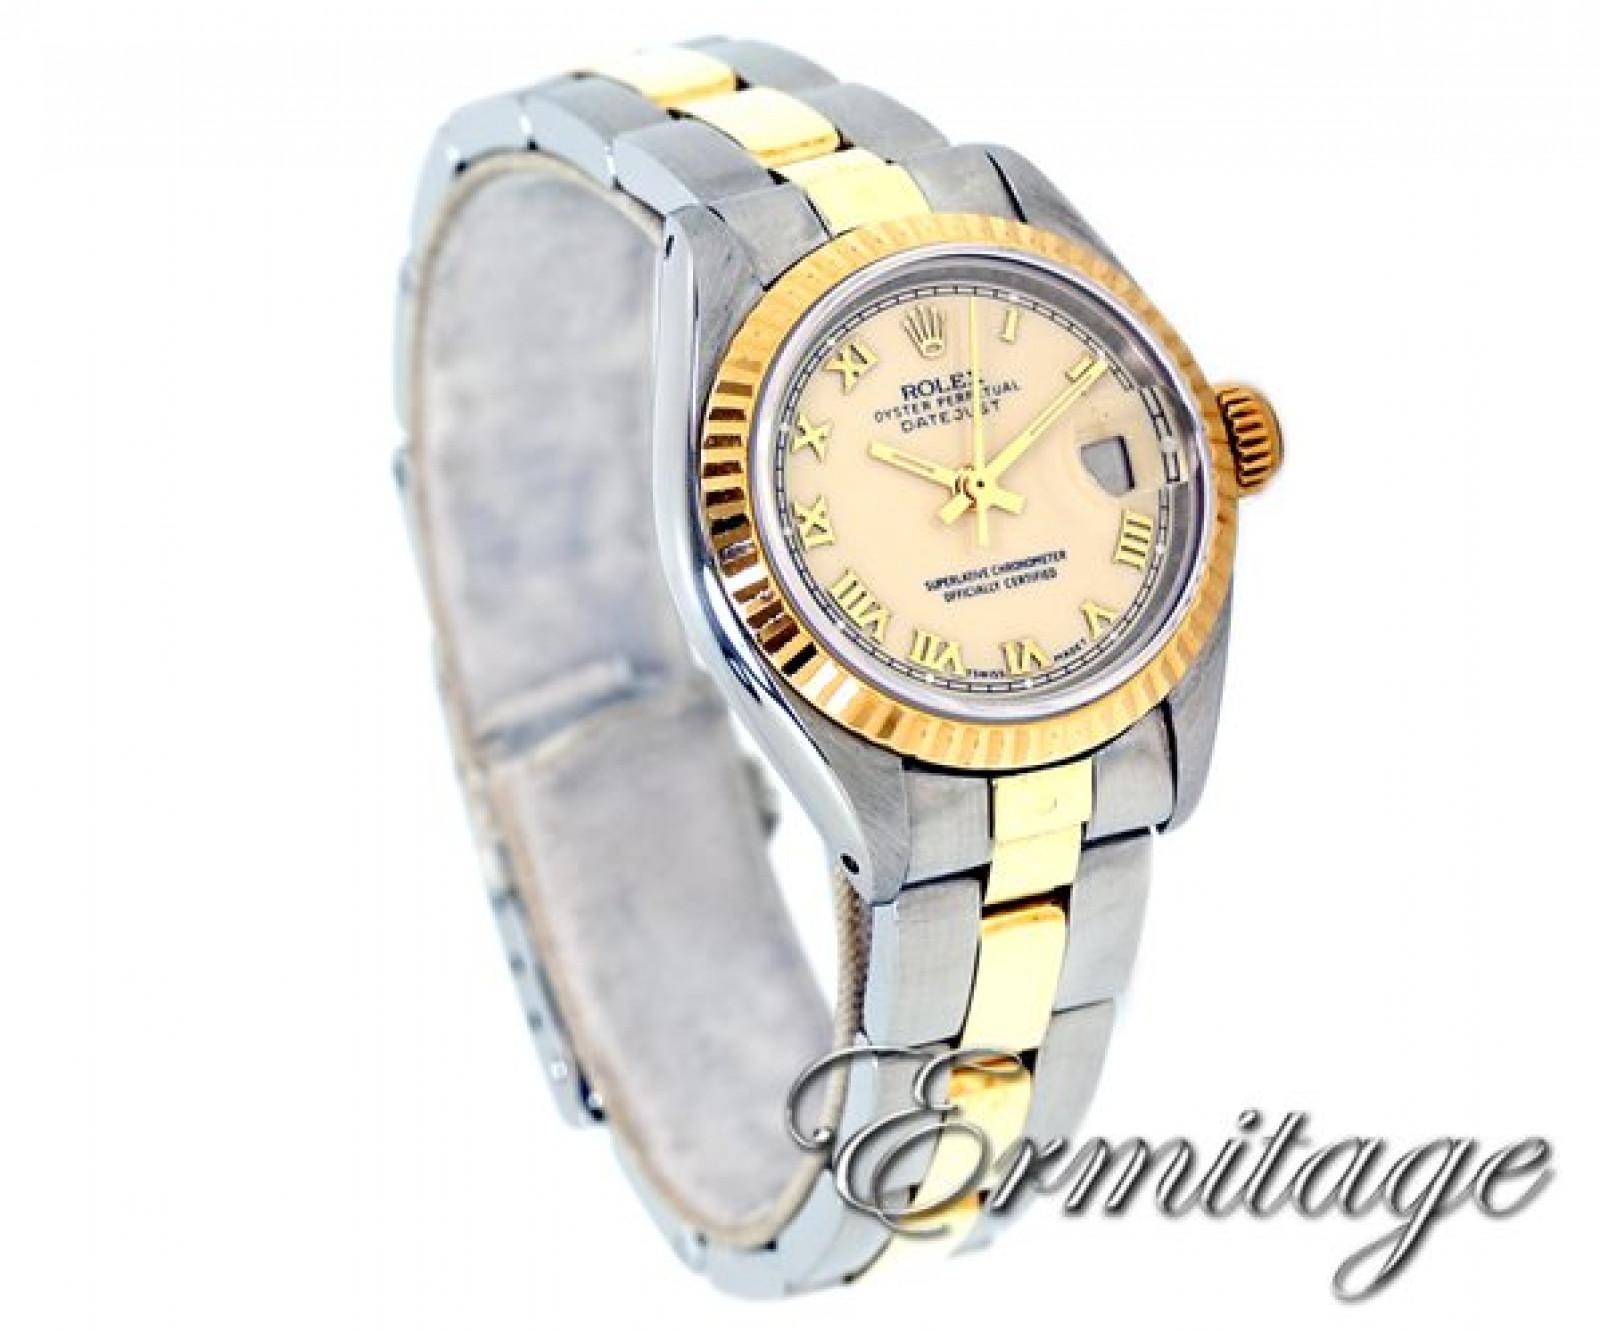 Vintage Rolex Datejust 6917 Gold & Steel Year 1980